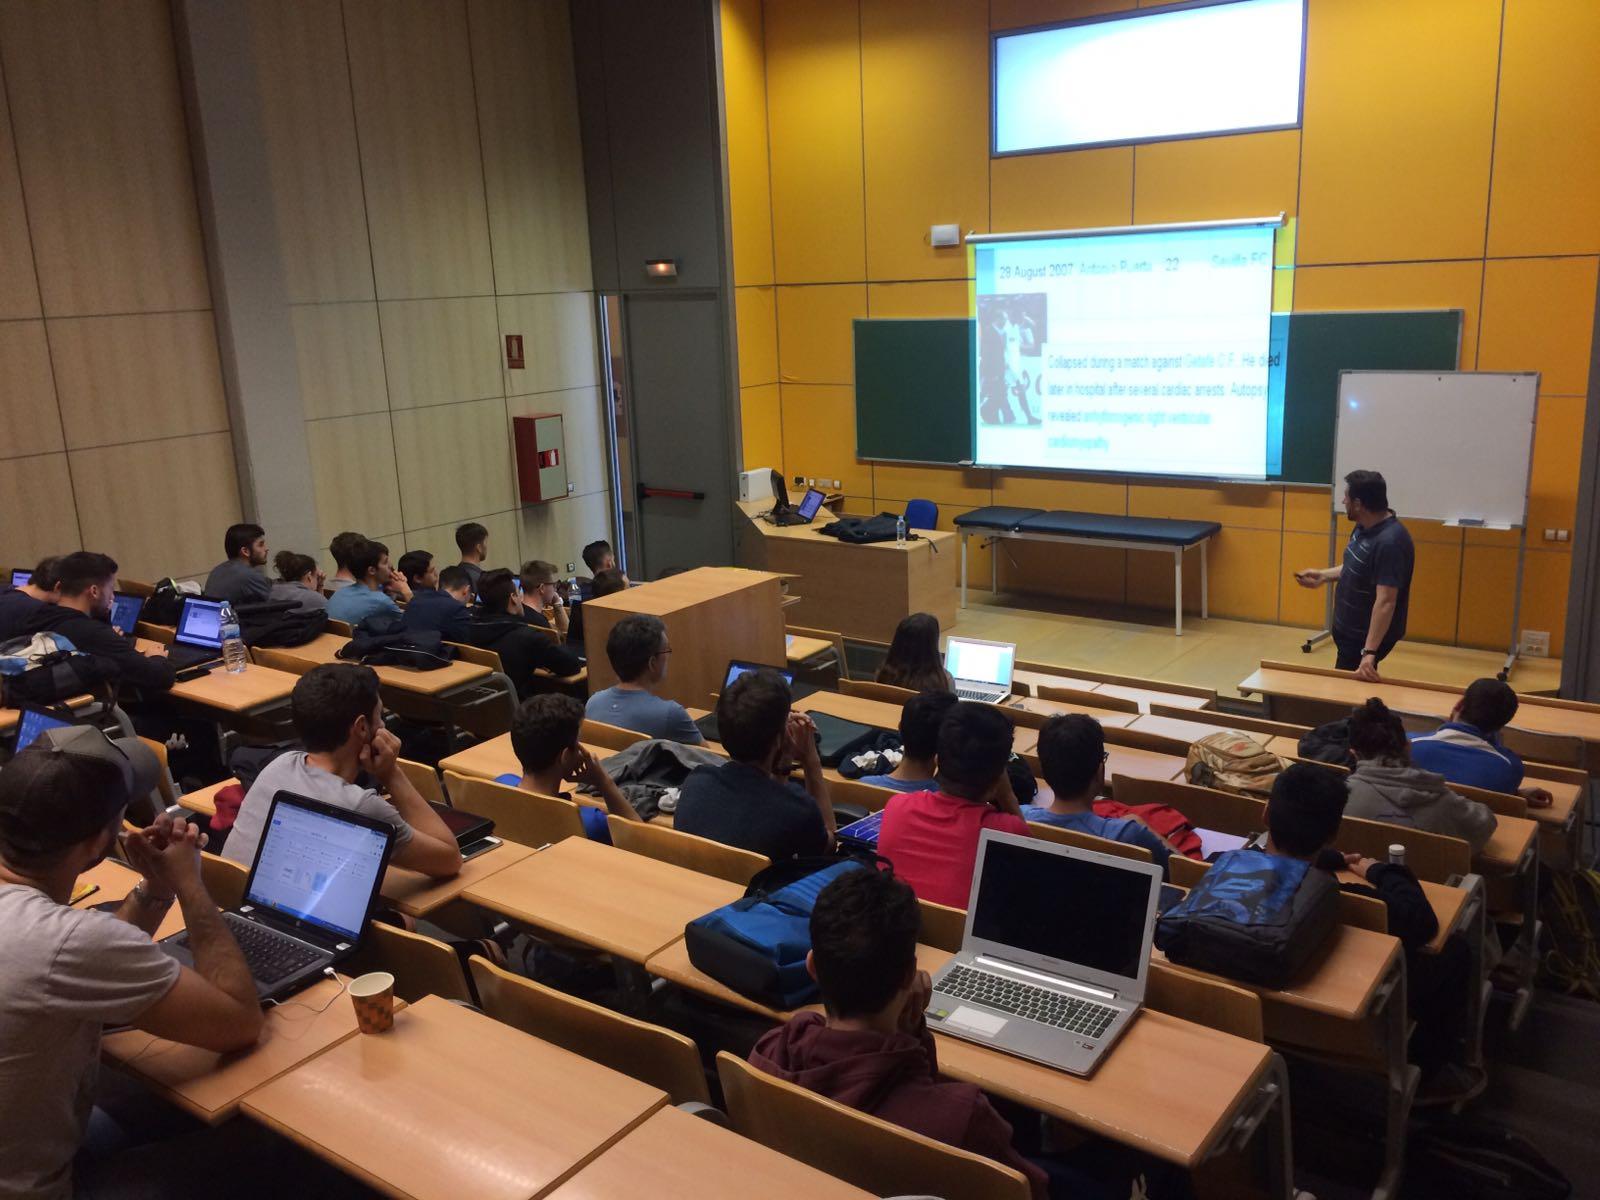 EUSES-UdG i la Càtedra d'Esport i Educació Física-Centre d'Estudis Olímpics de la UdG organitzen dos cursos d'estiu d'educació física